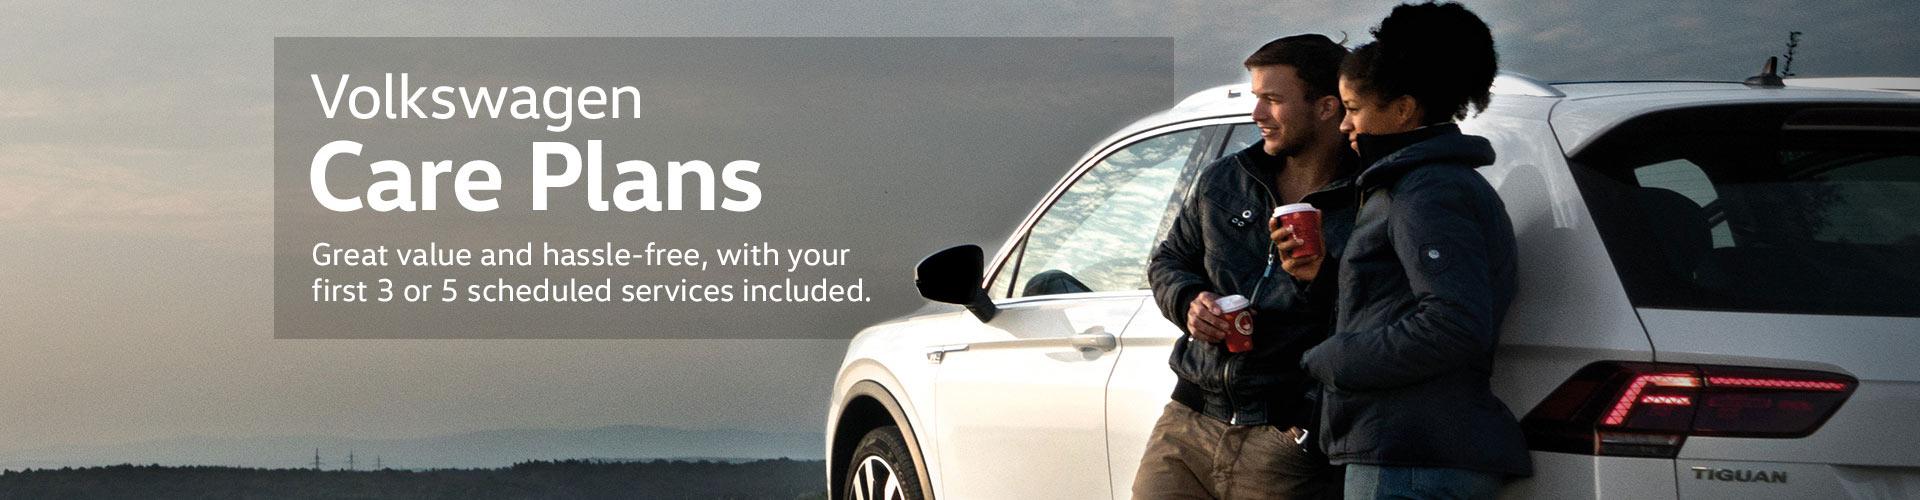 Volkswagen Care Plans